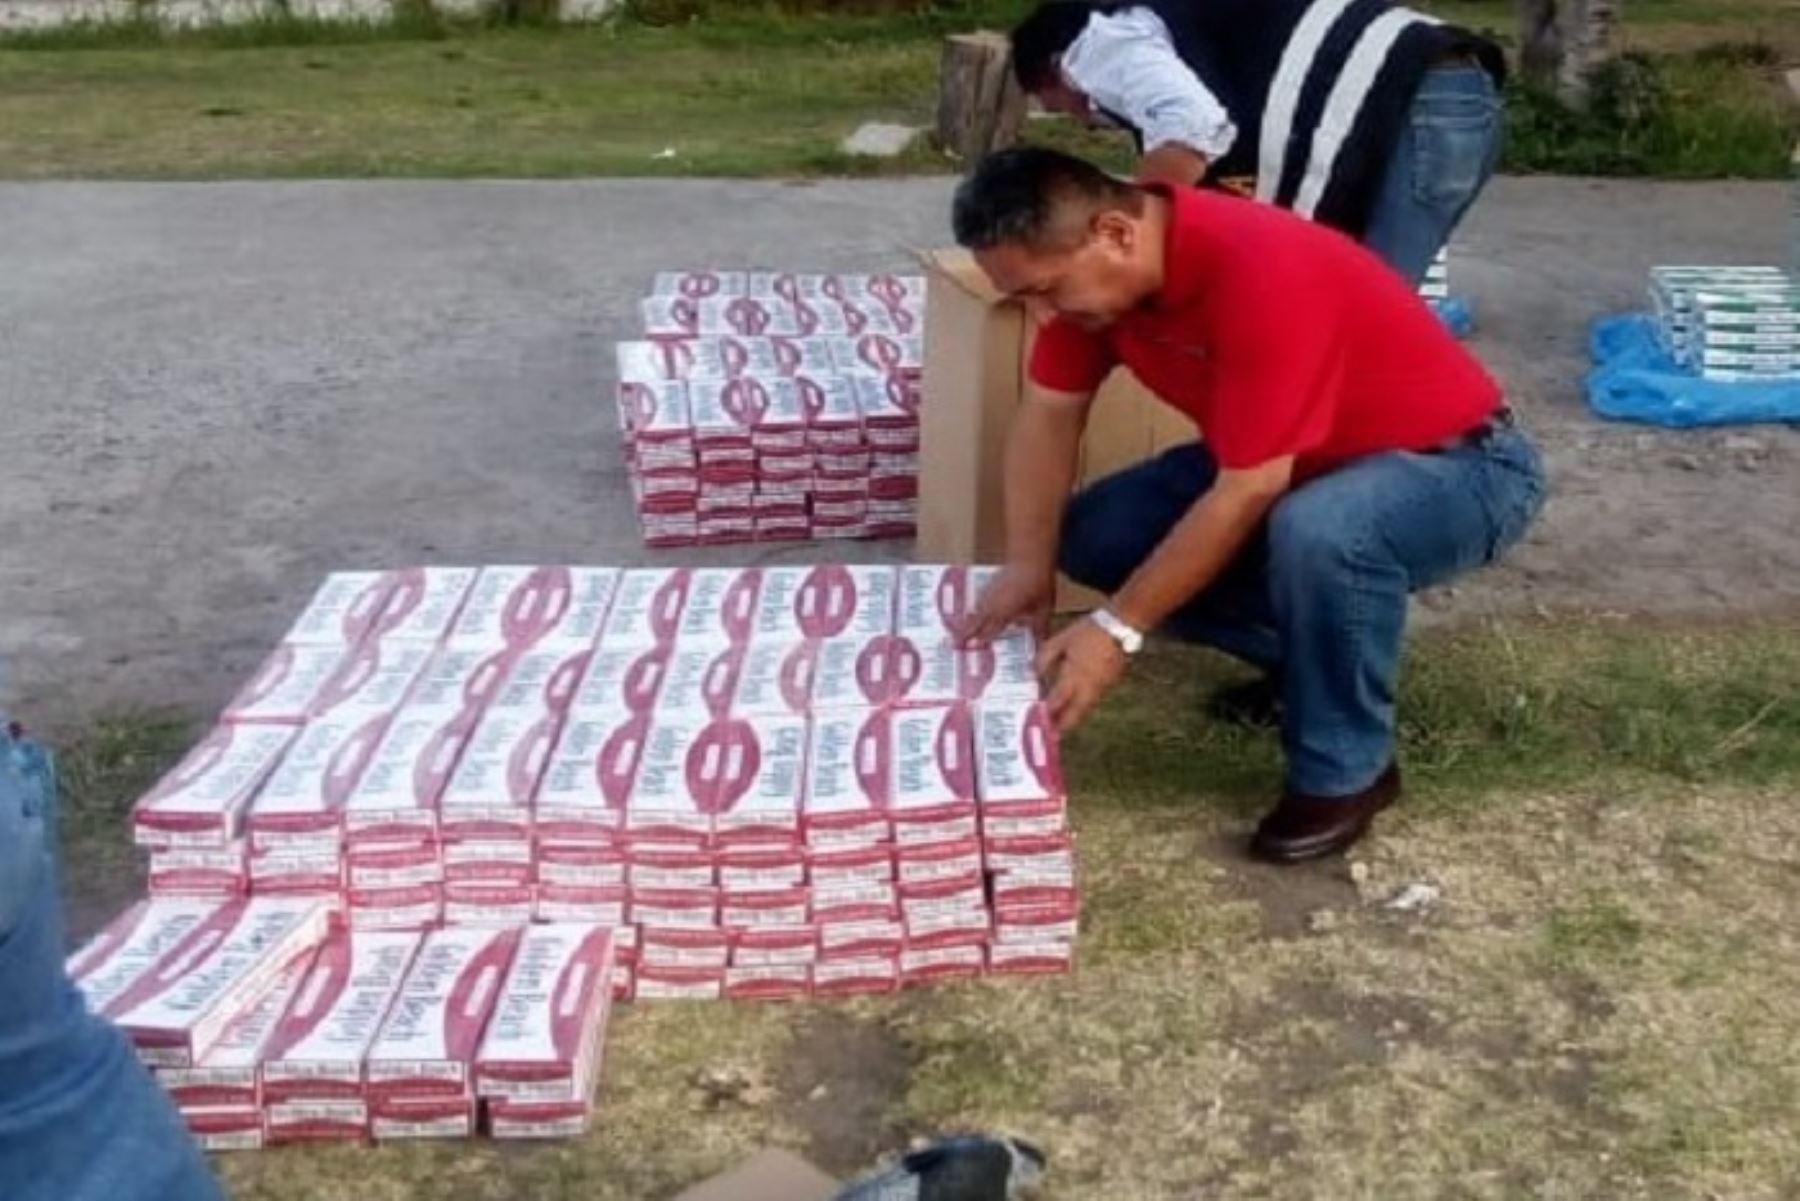 Policía Nacional incautó cerca de 100,000 cigarrillos de contrabando que se encontraban camuflados en el interior de un ómnibus interprovincial que cubría la ruta Juliaca – Arequipa. Dicha mercadería ilegal, procedente de Paraguay, ingresó al país a través de la frontera con Bolivia y tenía como destino final la ciudad de Arequipa.